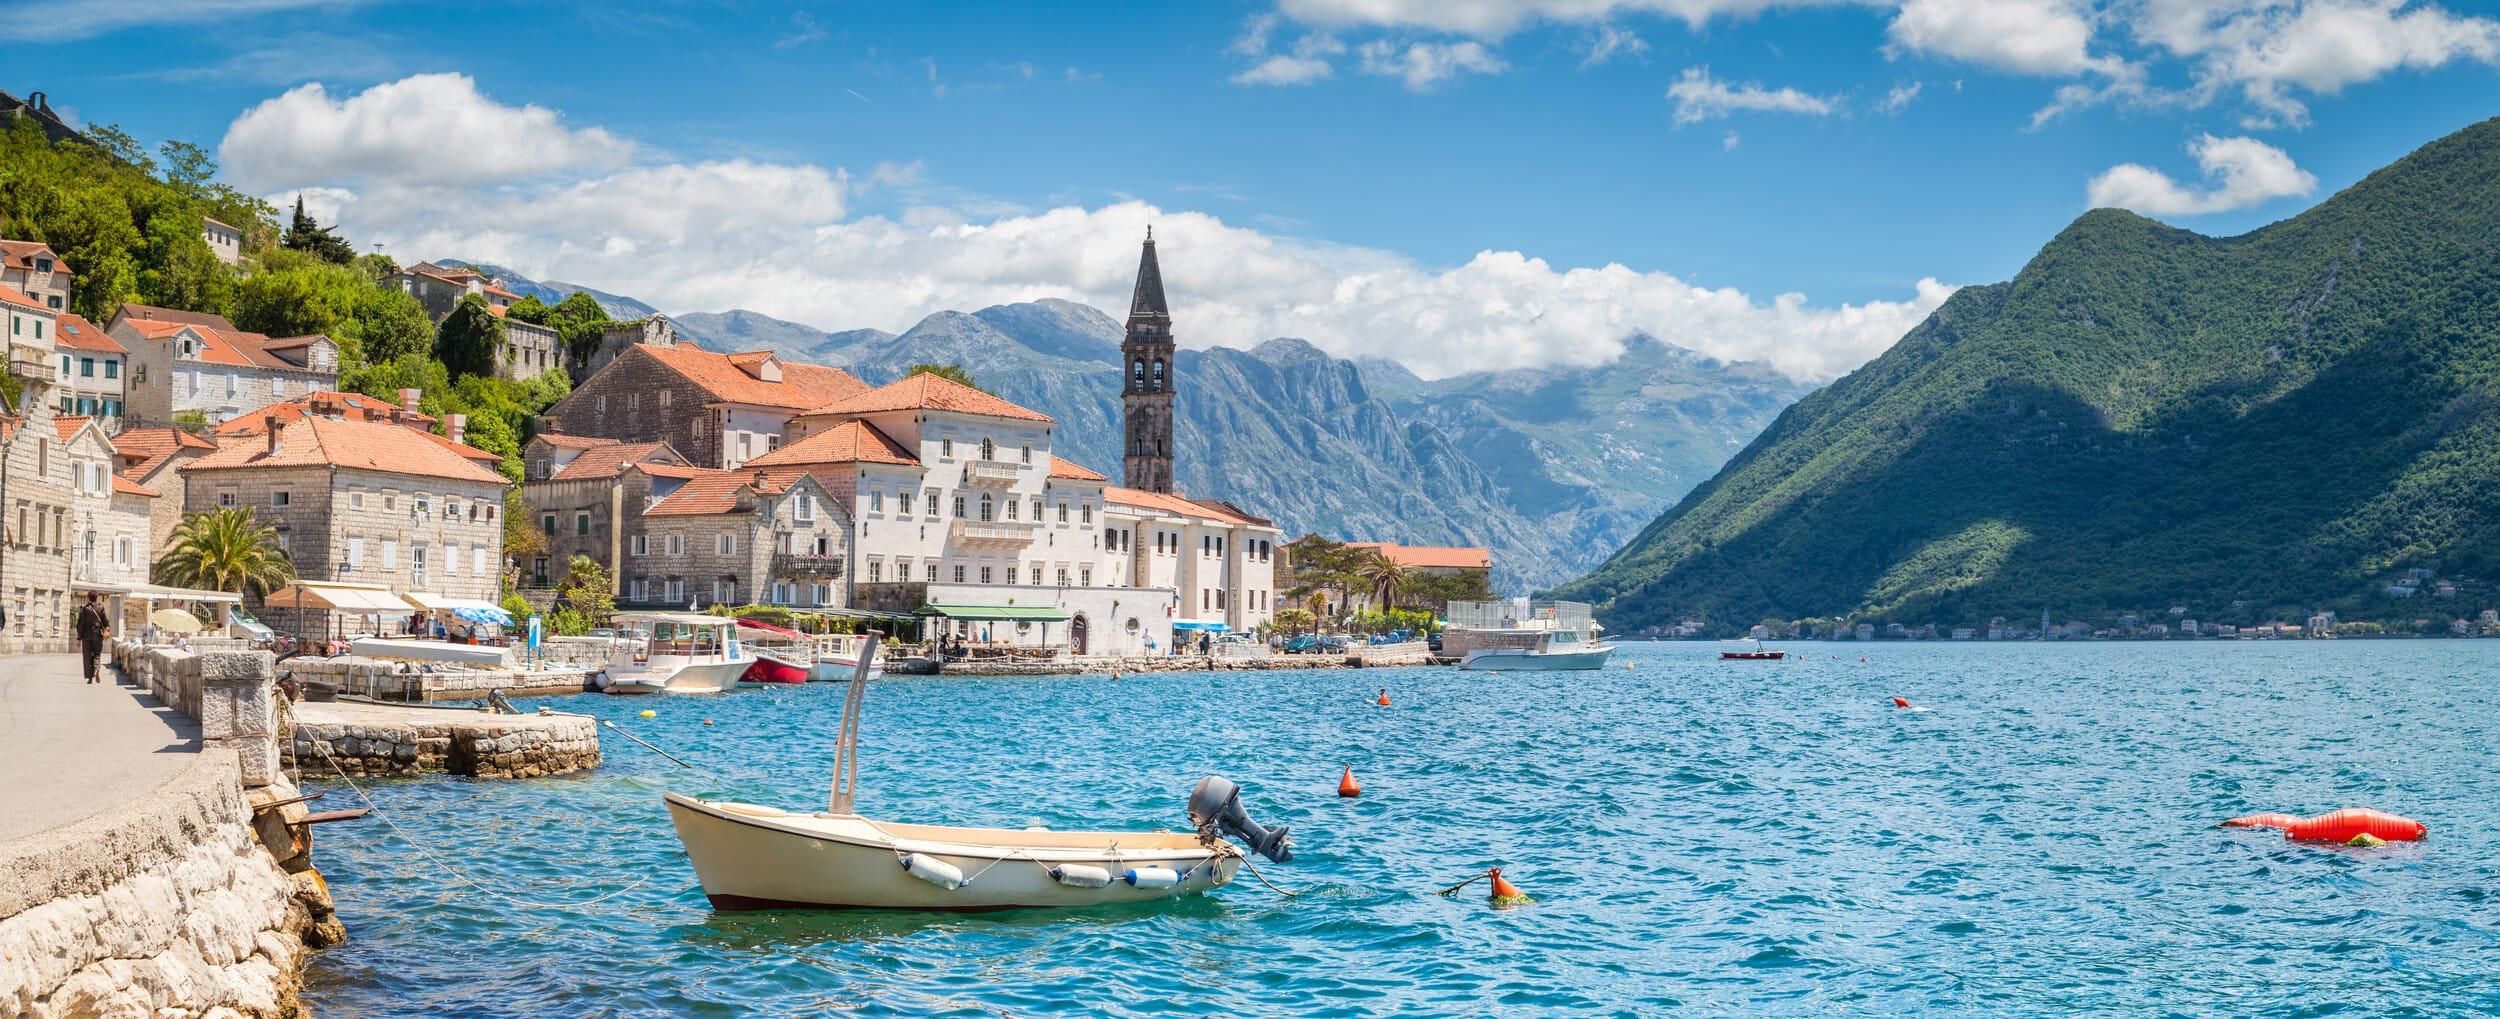 Montenegro lake view